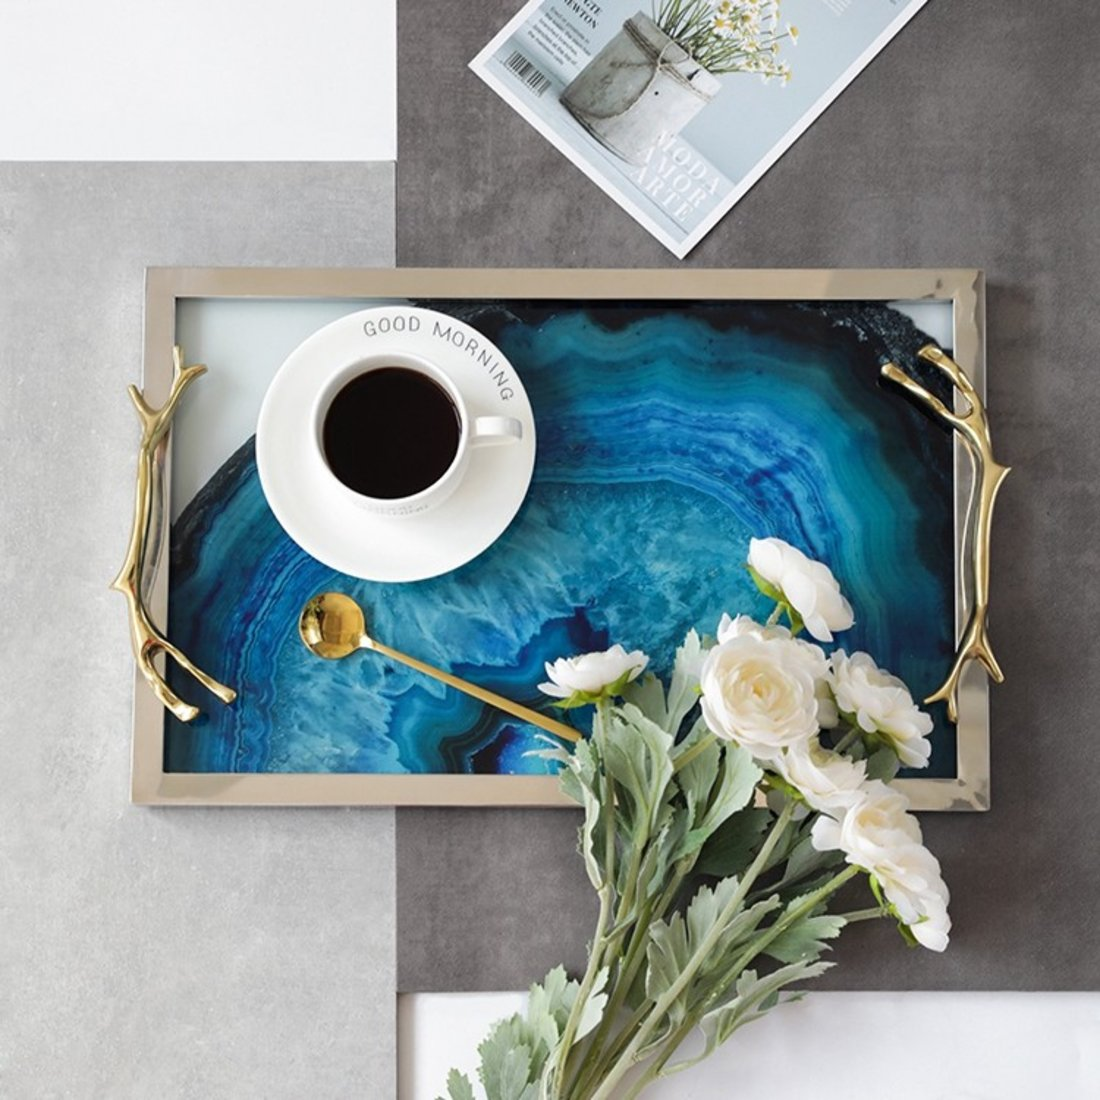 「墨染金边置物盘」玛瑙蓝石纹托盘